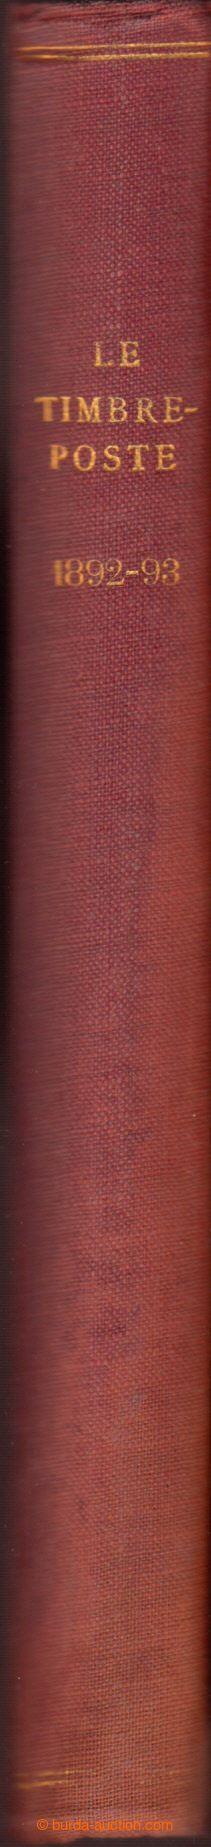 208975 - 1892-1893 BELGIE / FRANCIE /  LE TIMBRE-POSTE + LE TIMBRE FI